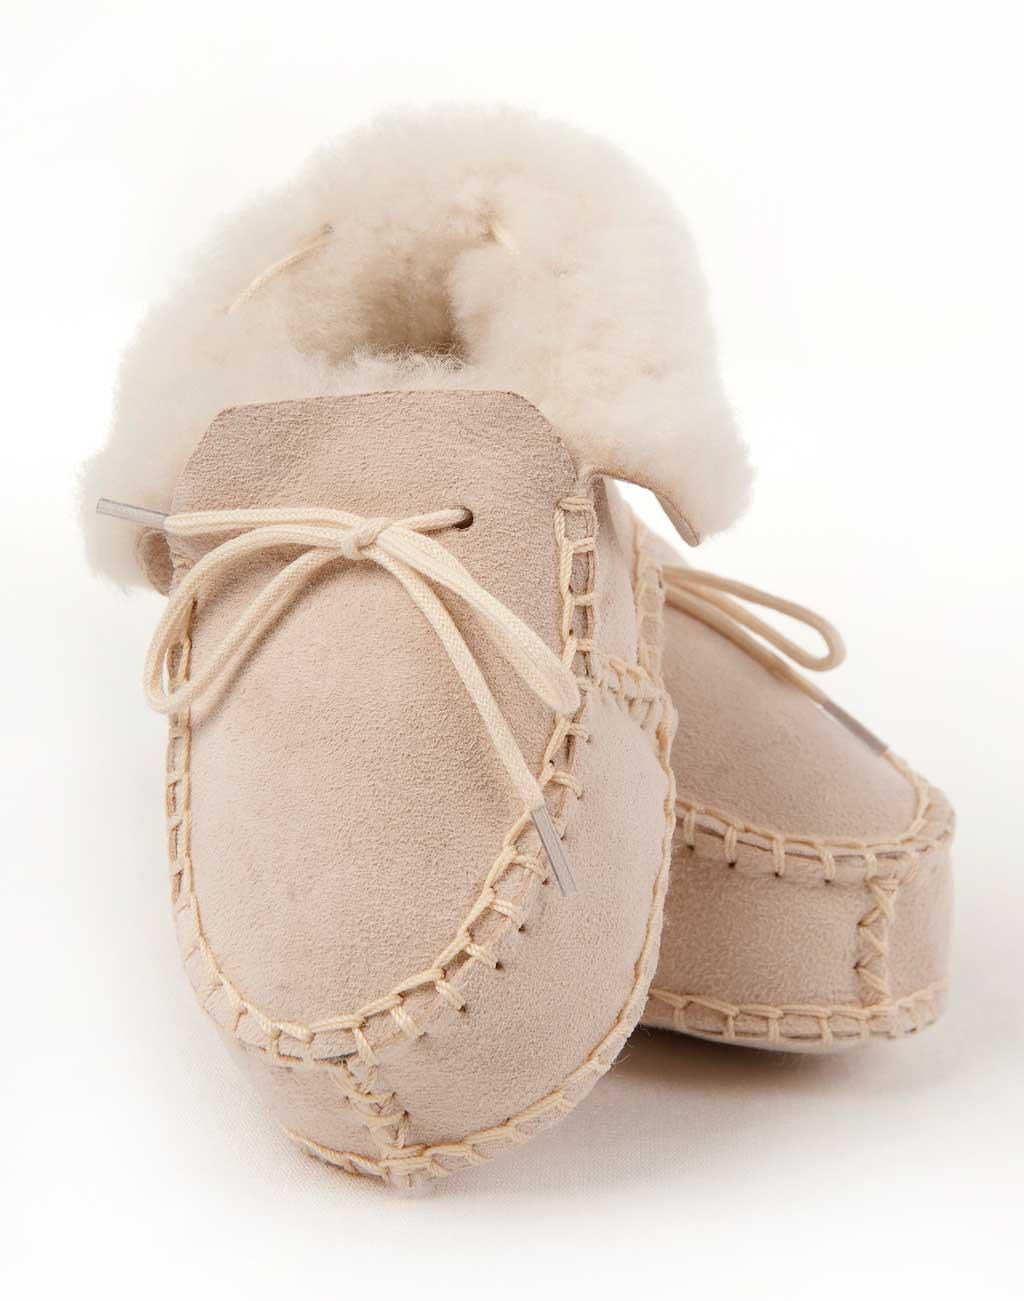 Kaiser Lambskin Baby Shoe 2000 Buy On Mypram Com